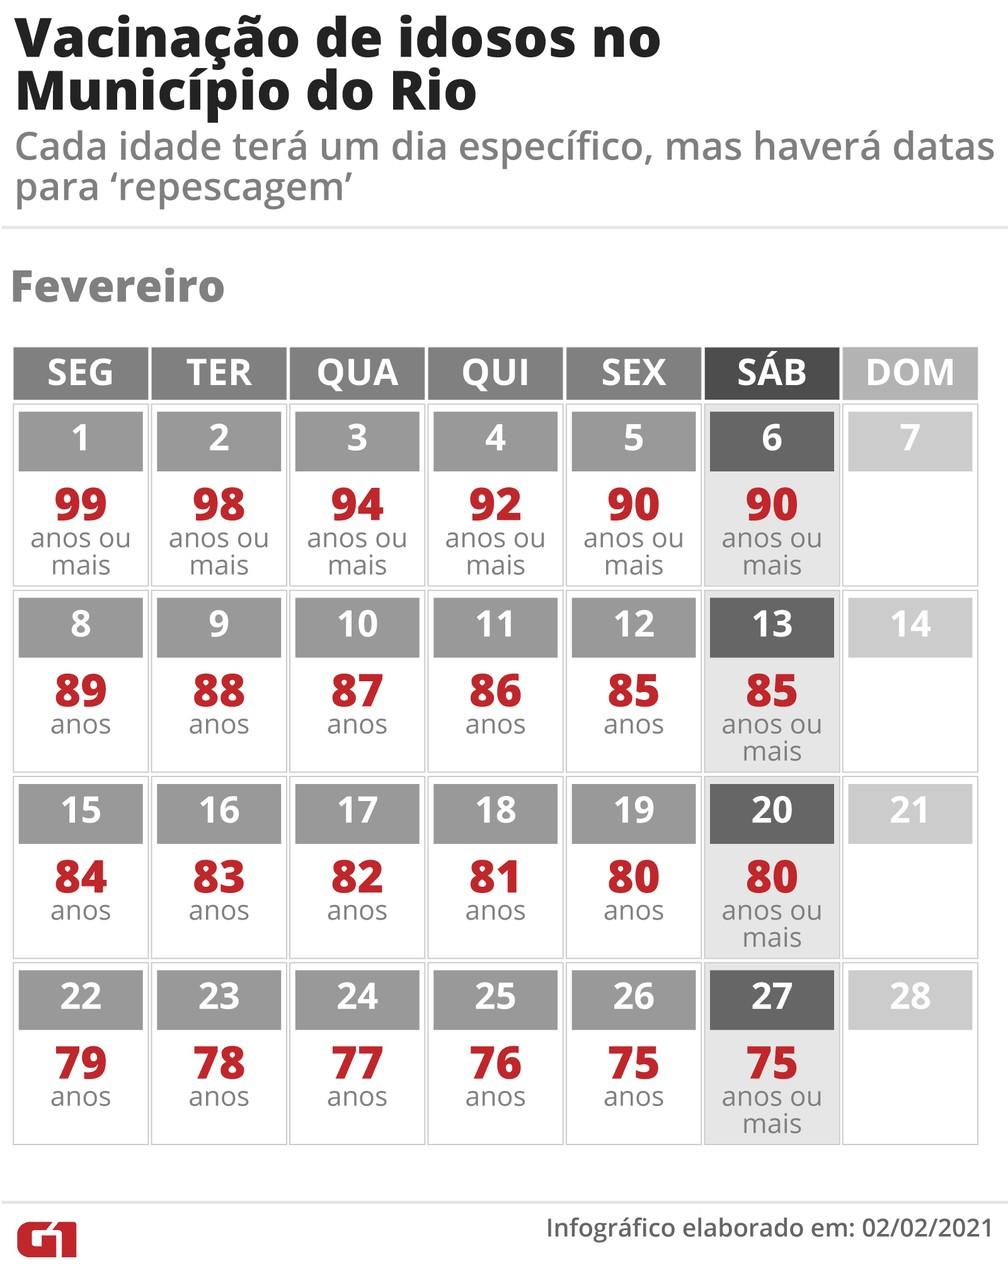 Calendário de vacinação para idosos no Município do Rio — Foto: Infografia: Fernanda Garrafiel/G1